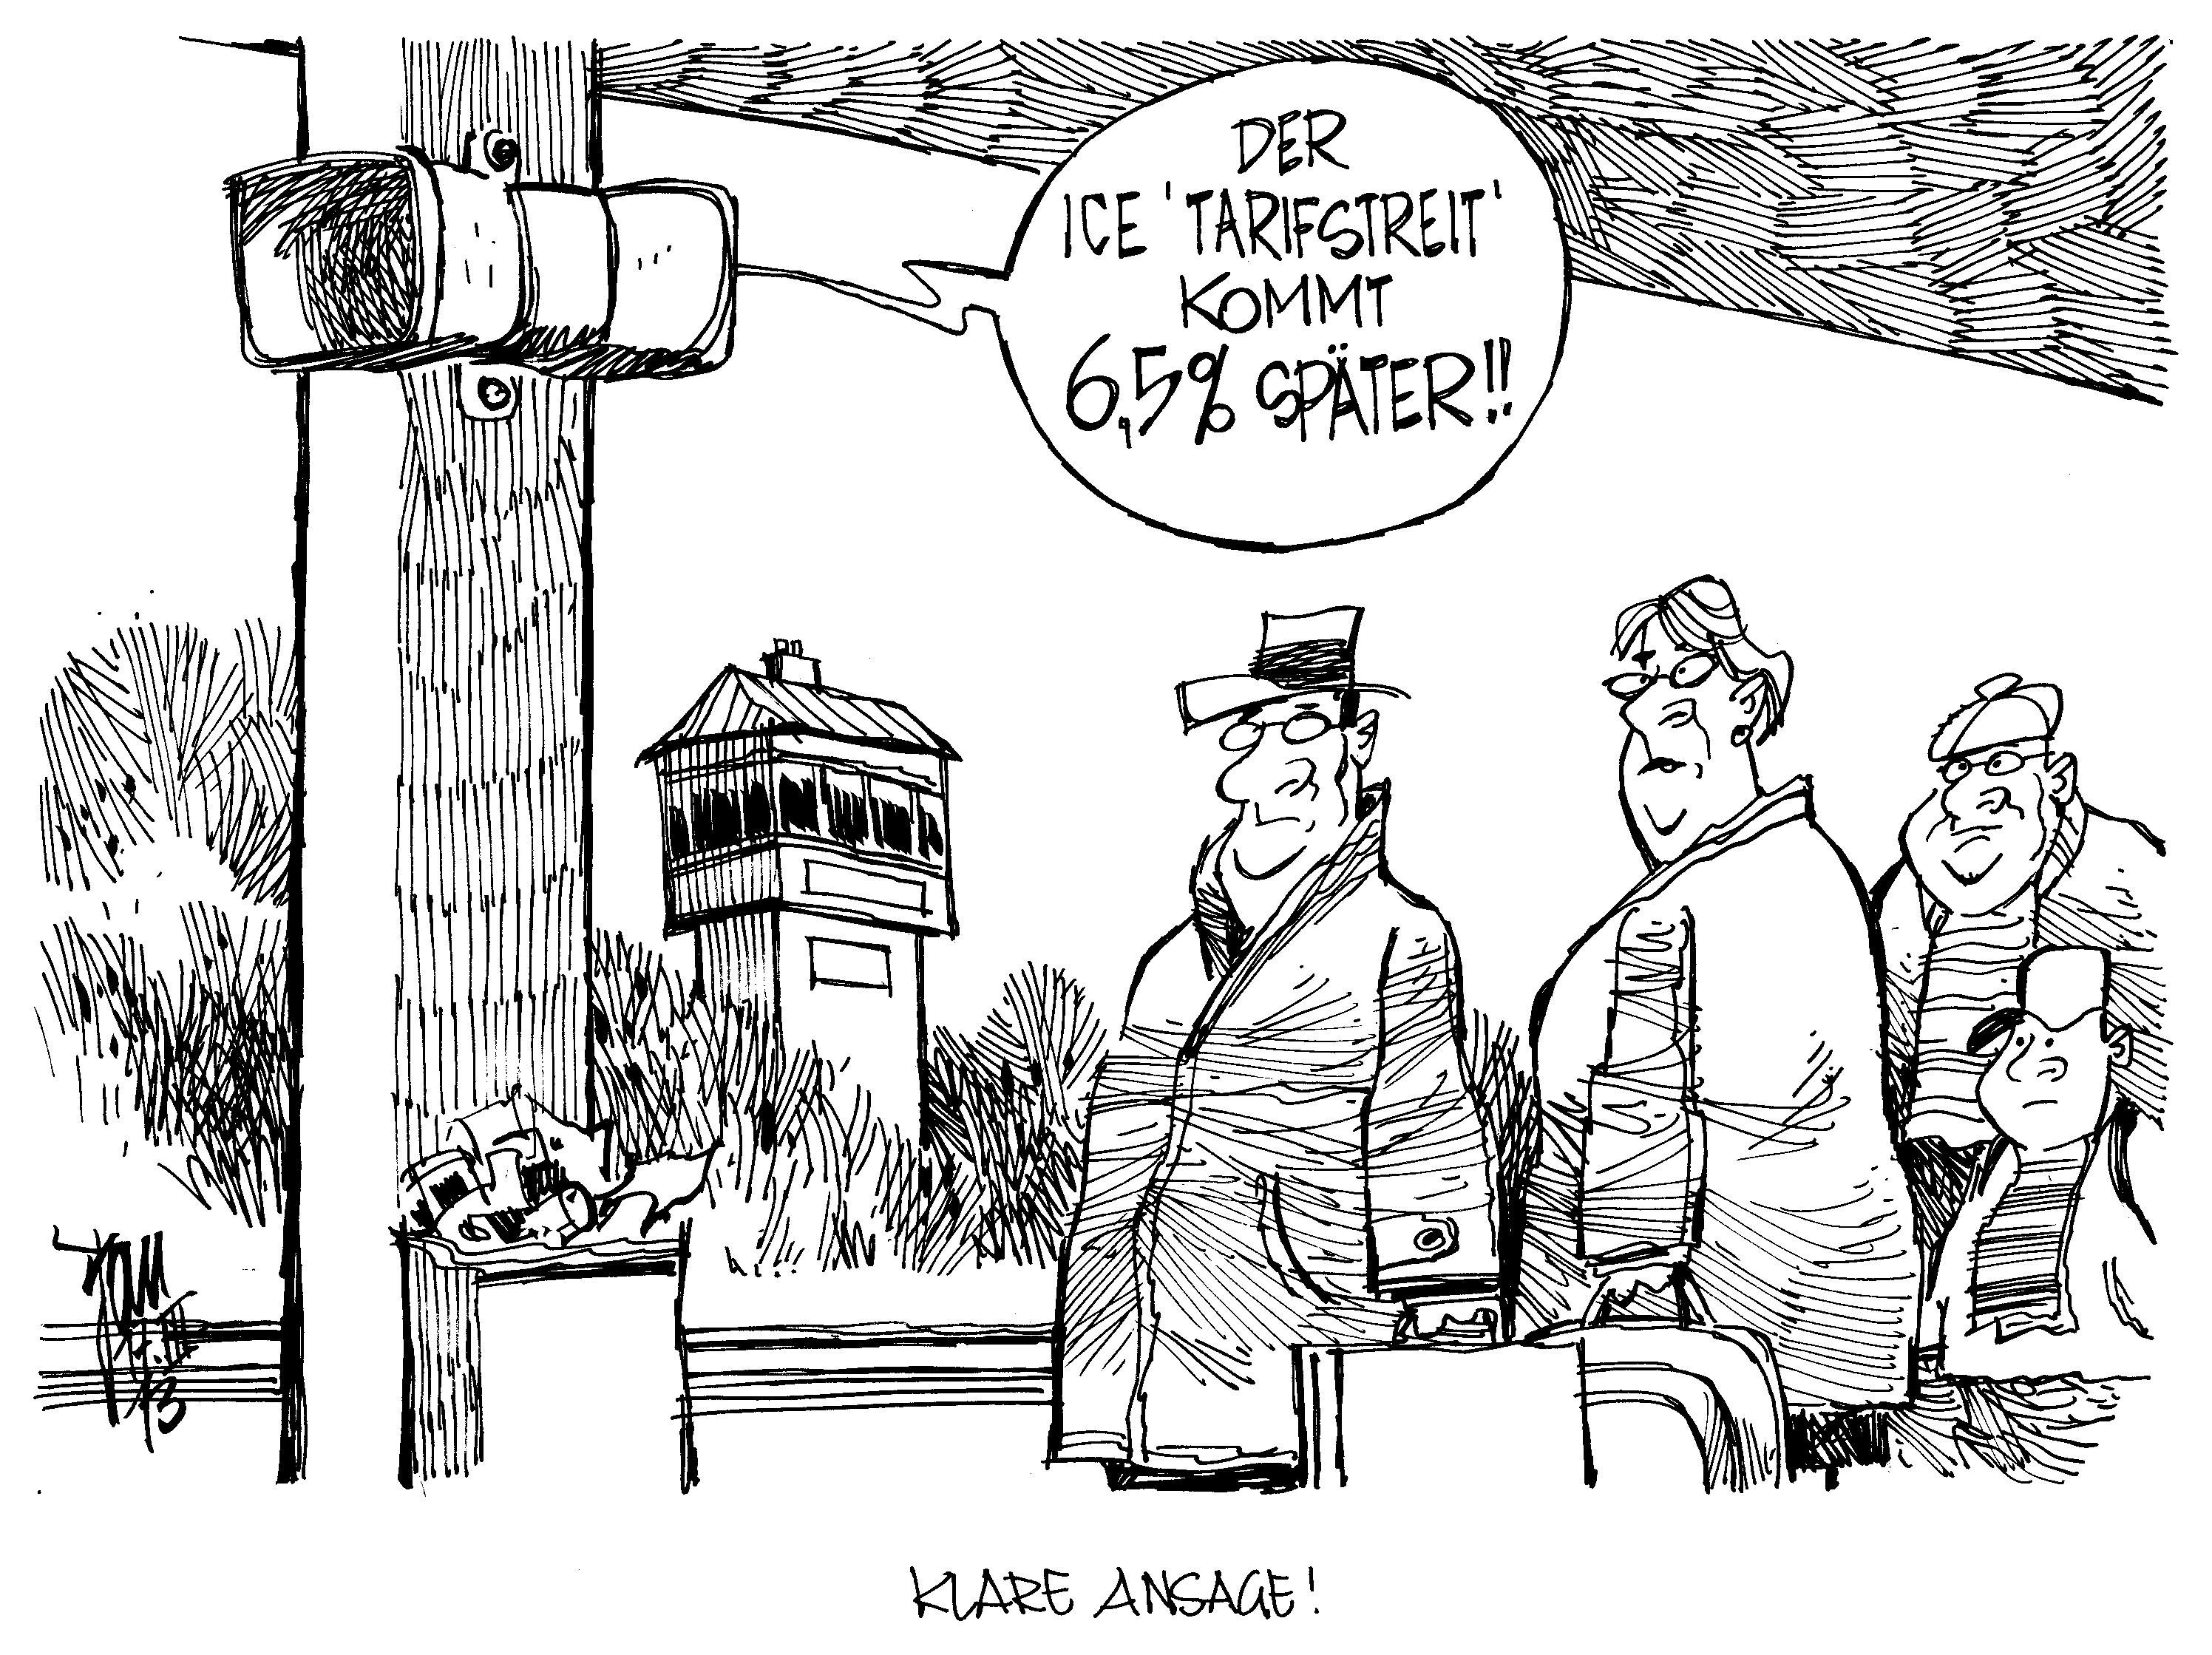 bild www deutsche bahn wirtschaft geld